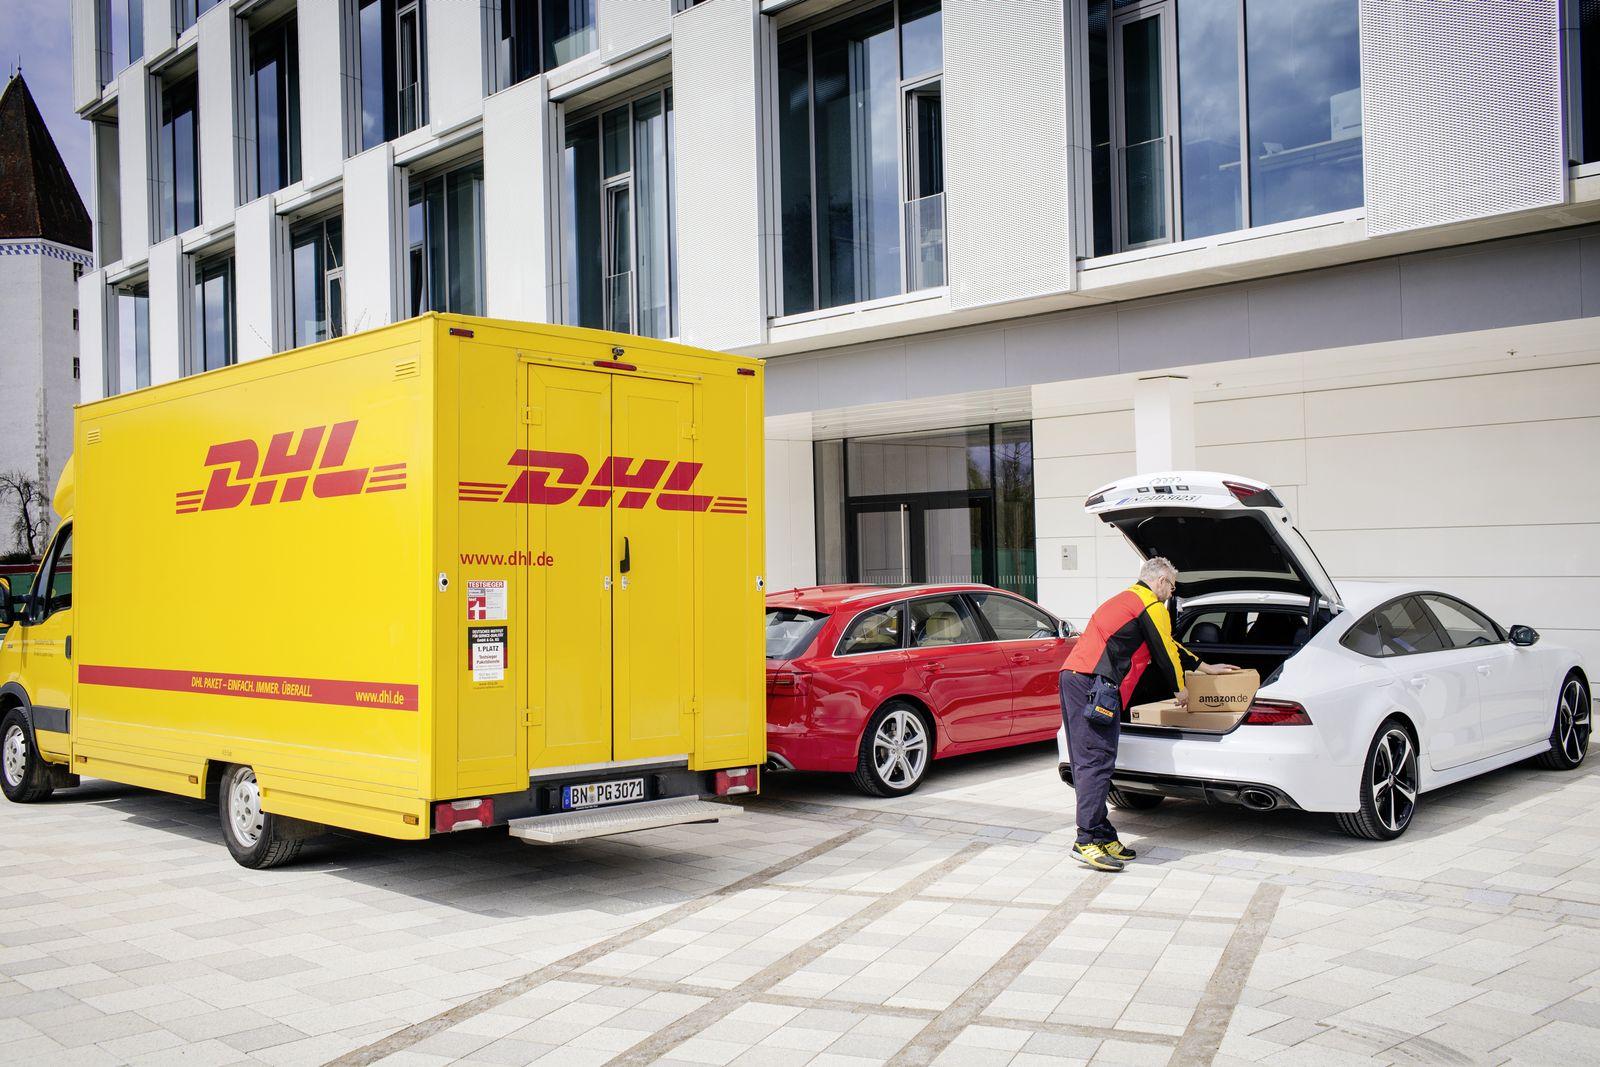 Audi / DHL / Paketzustellung in den Kofferraum